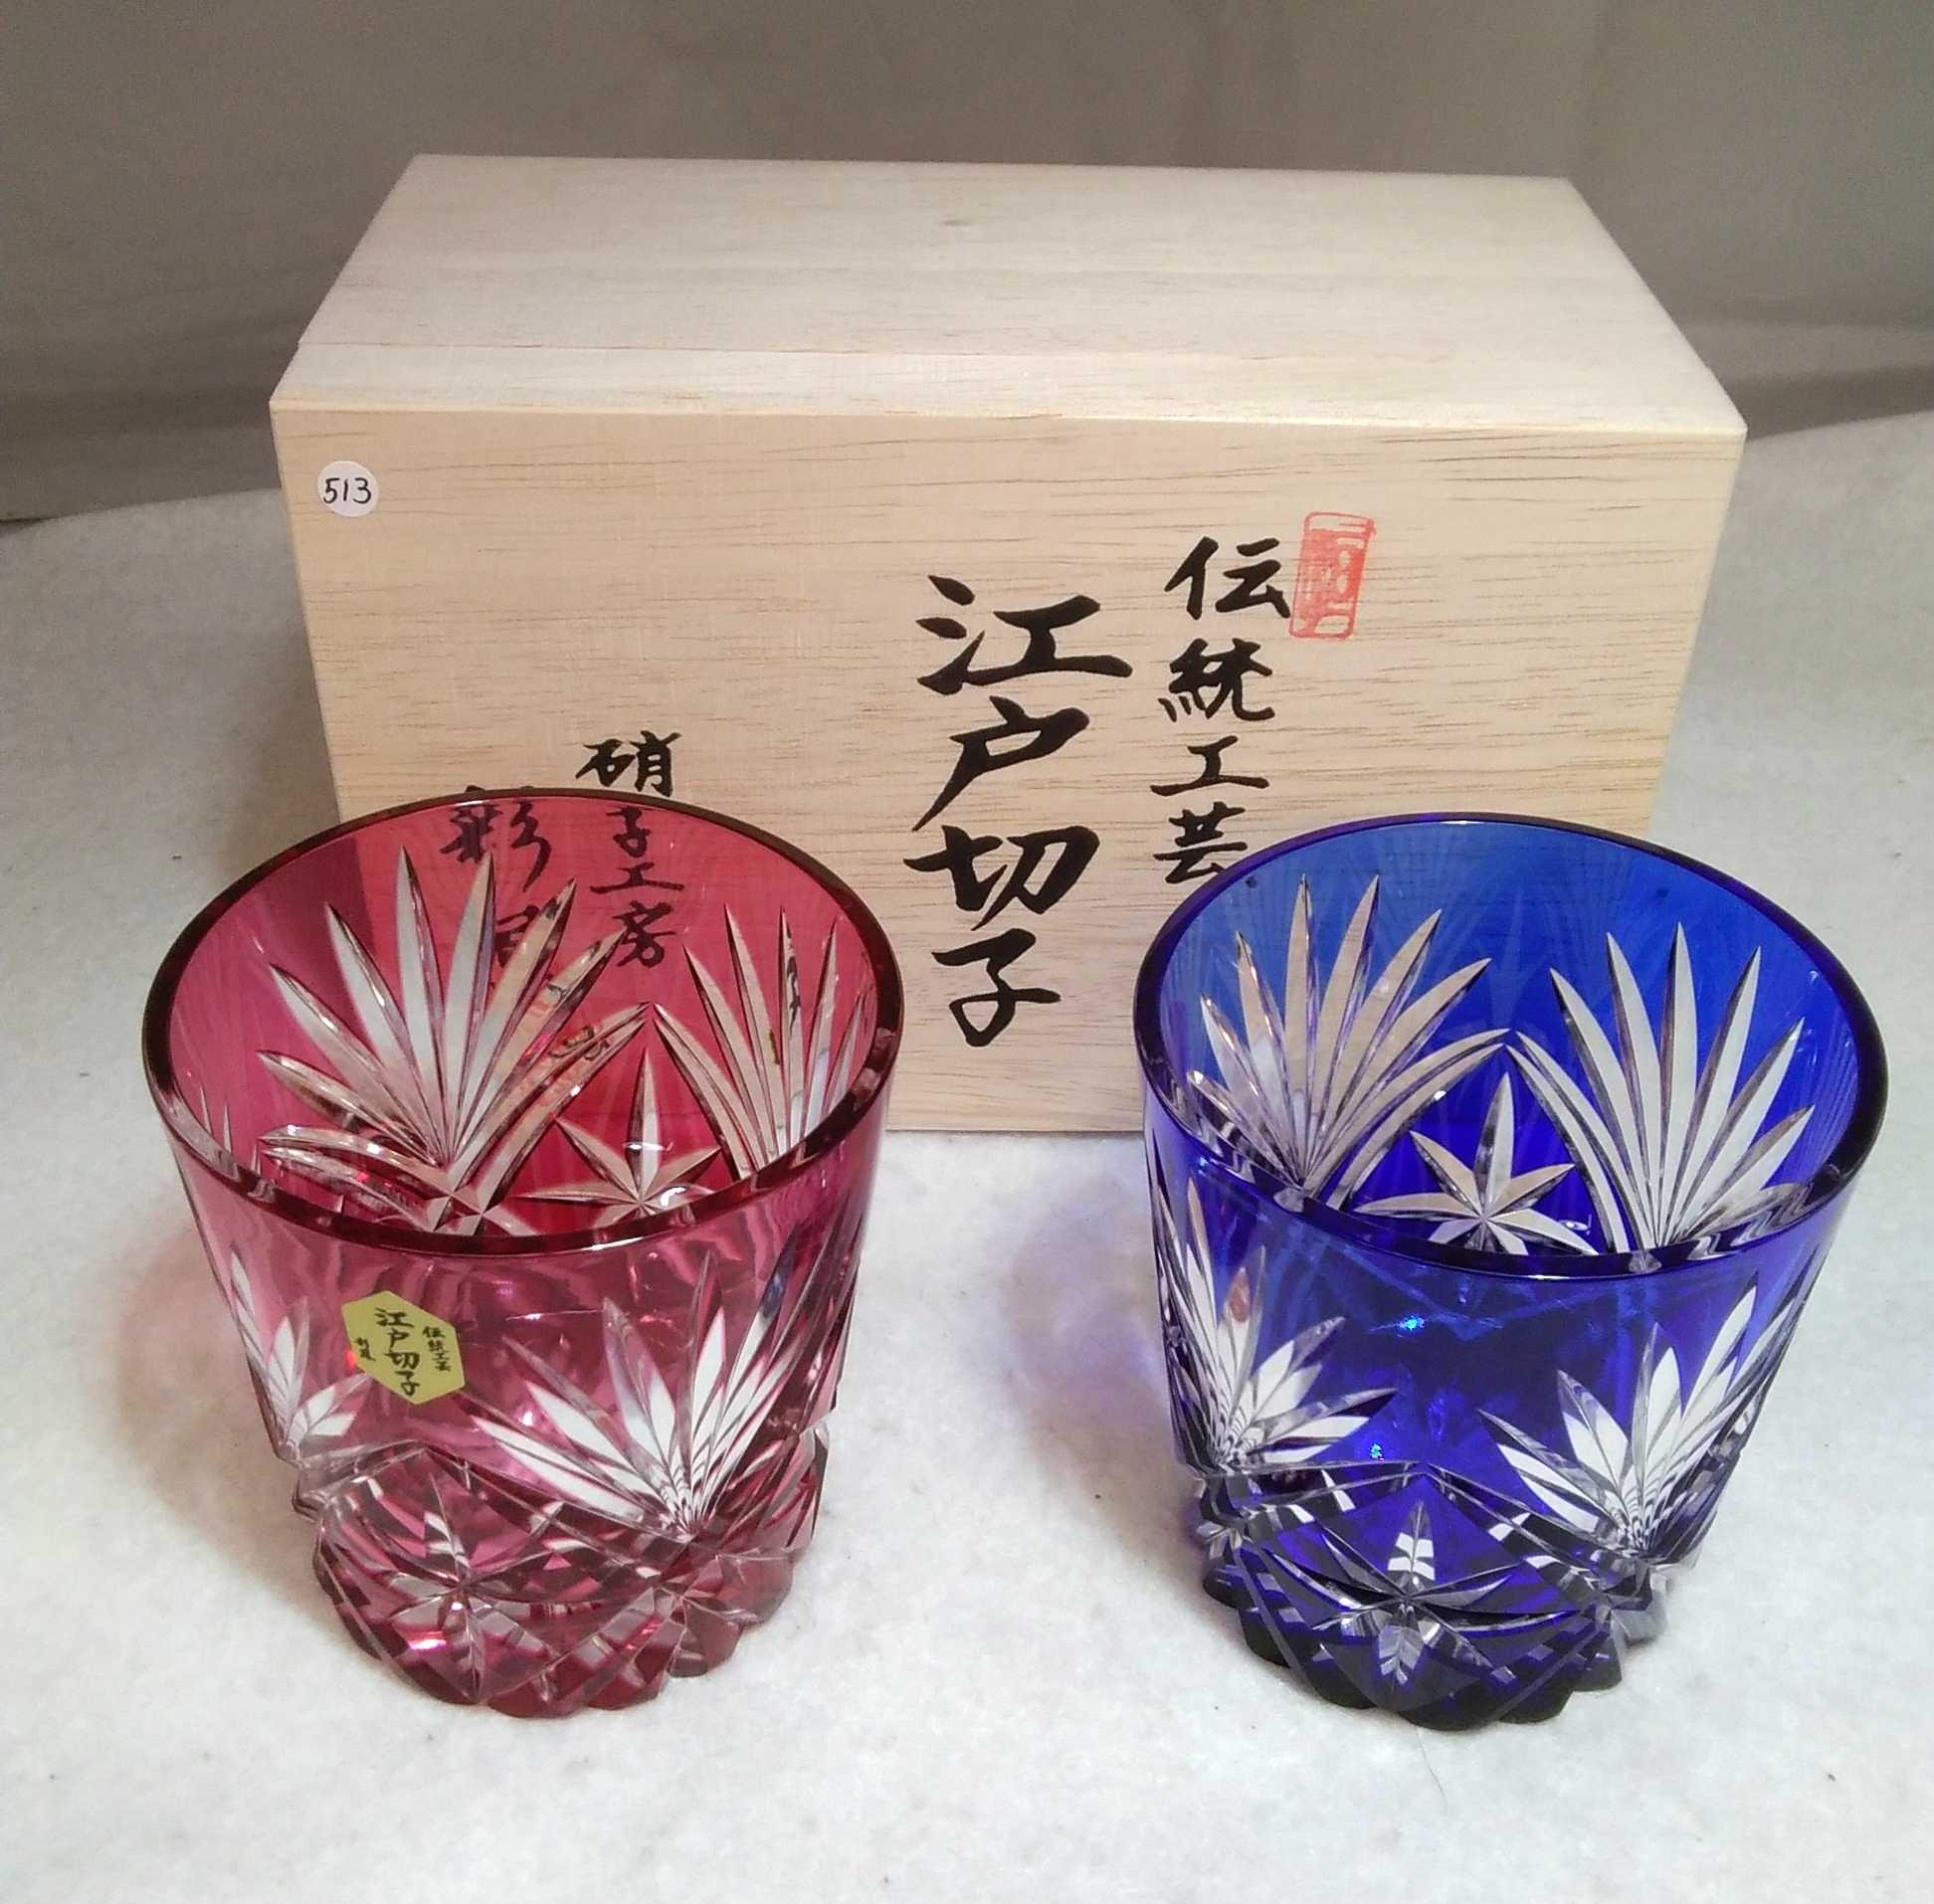 オールドペア 江戸切子|彩鳳